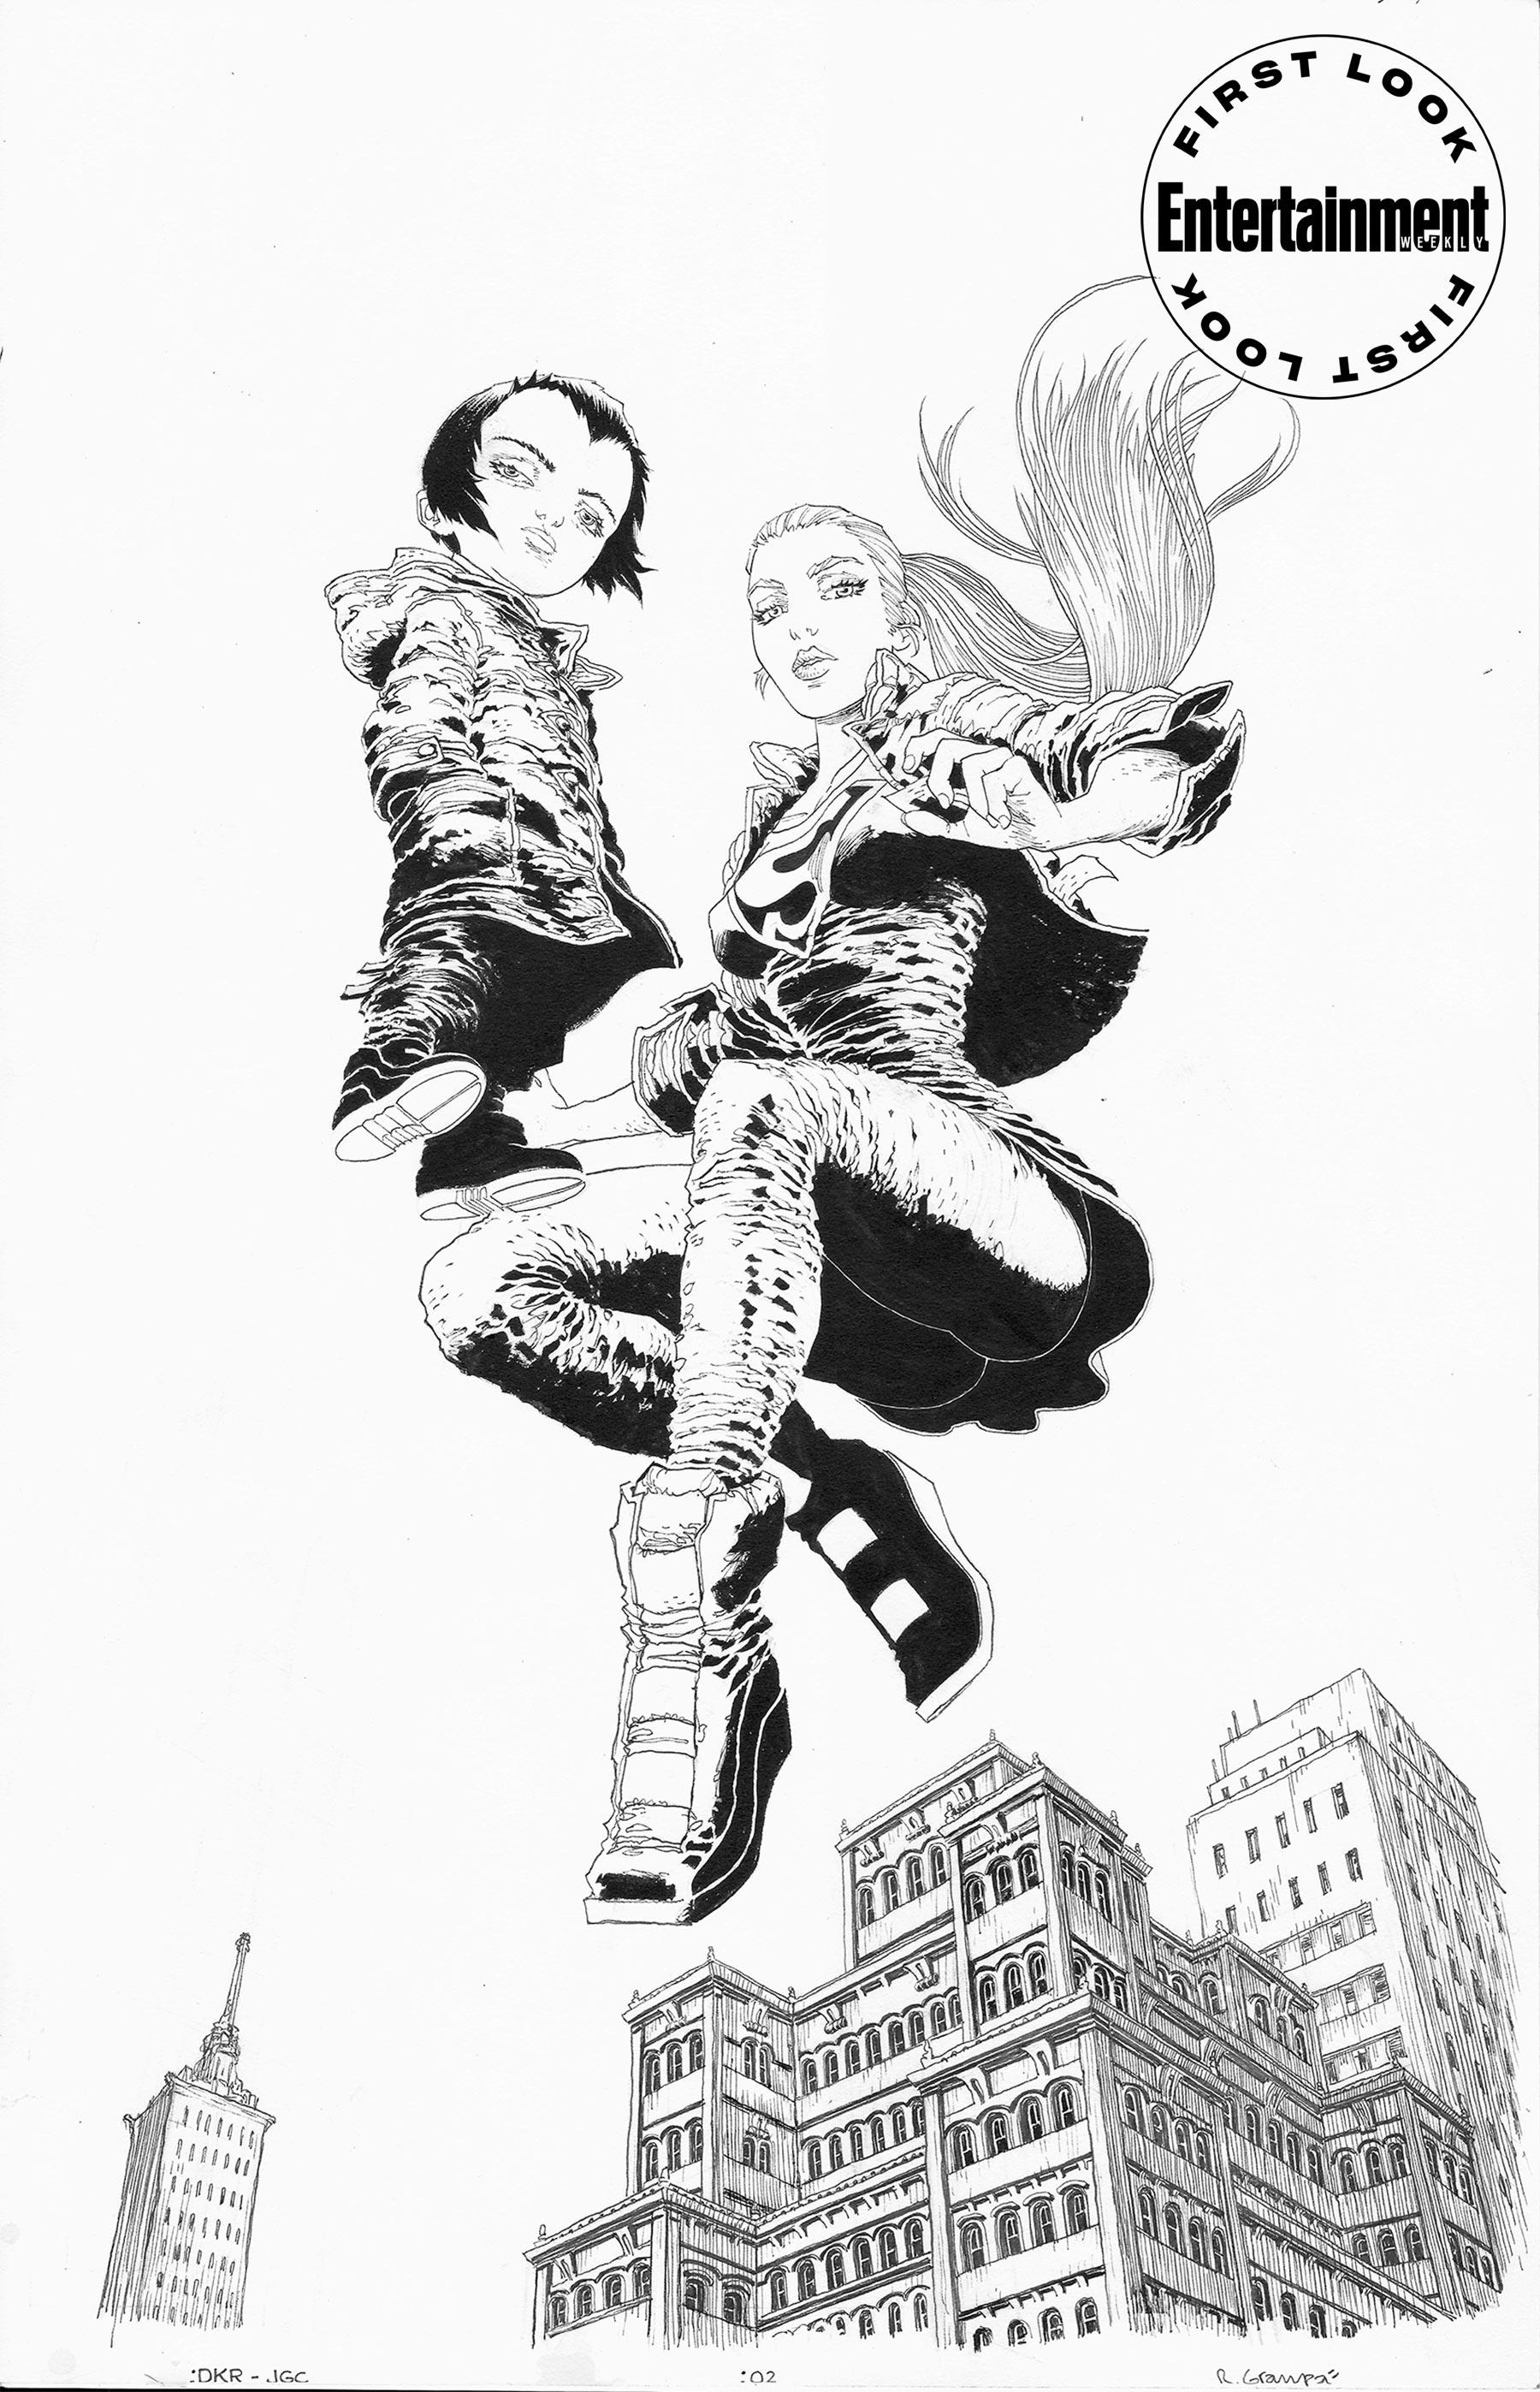 DC показала первые страницы из комикса The Golden Child —продолжения серии The Dark Knight Returns Фрэнка Миллера 4